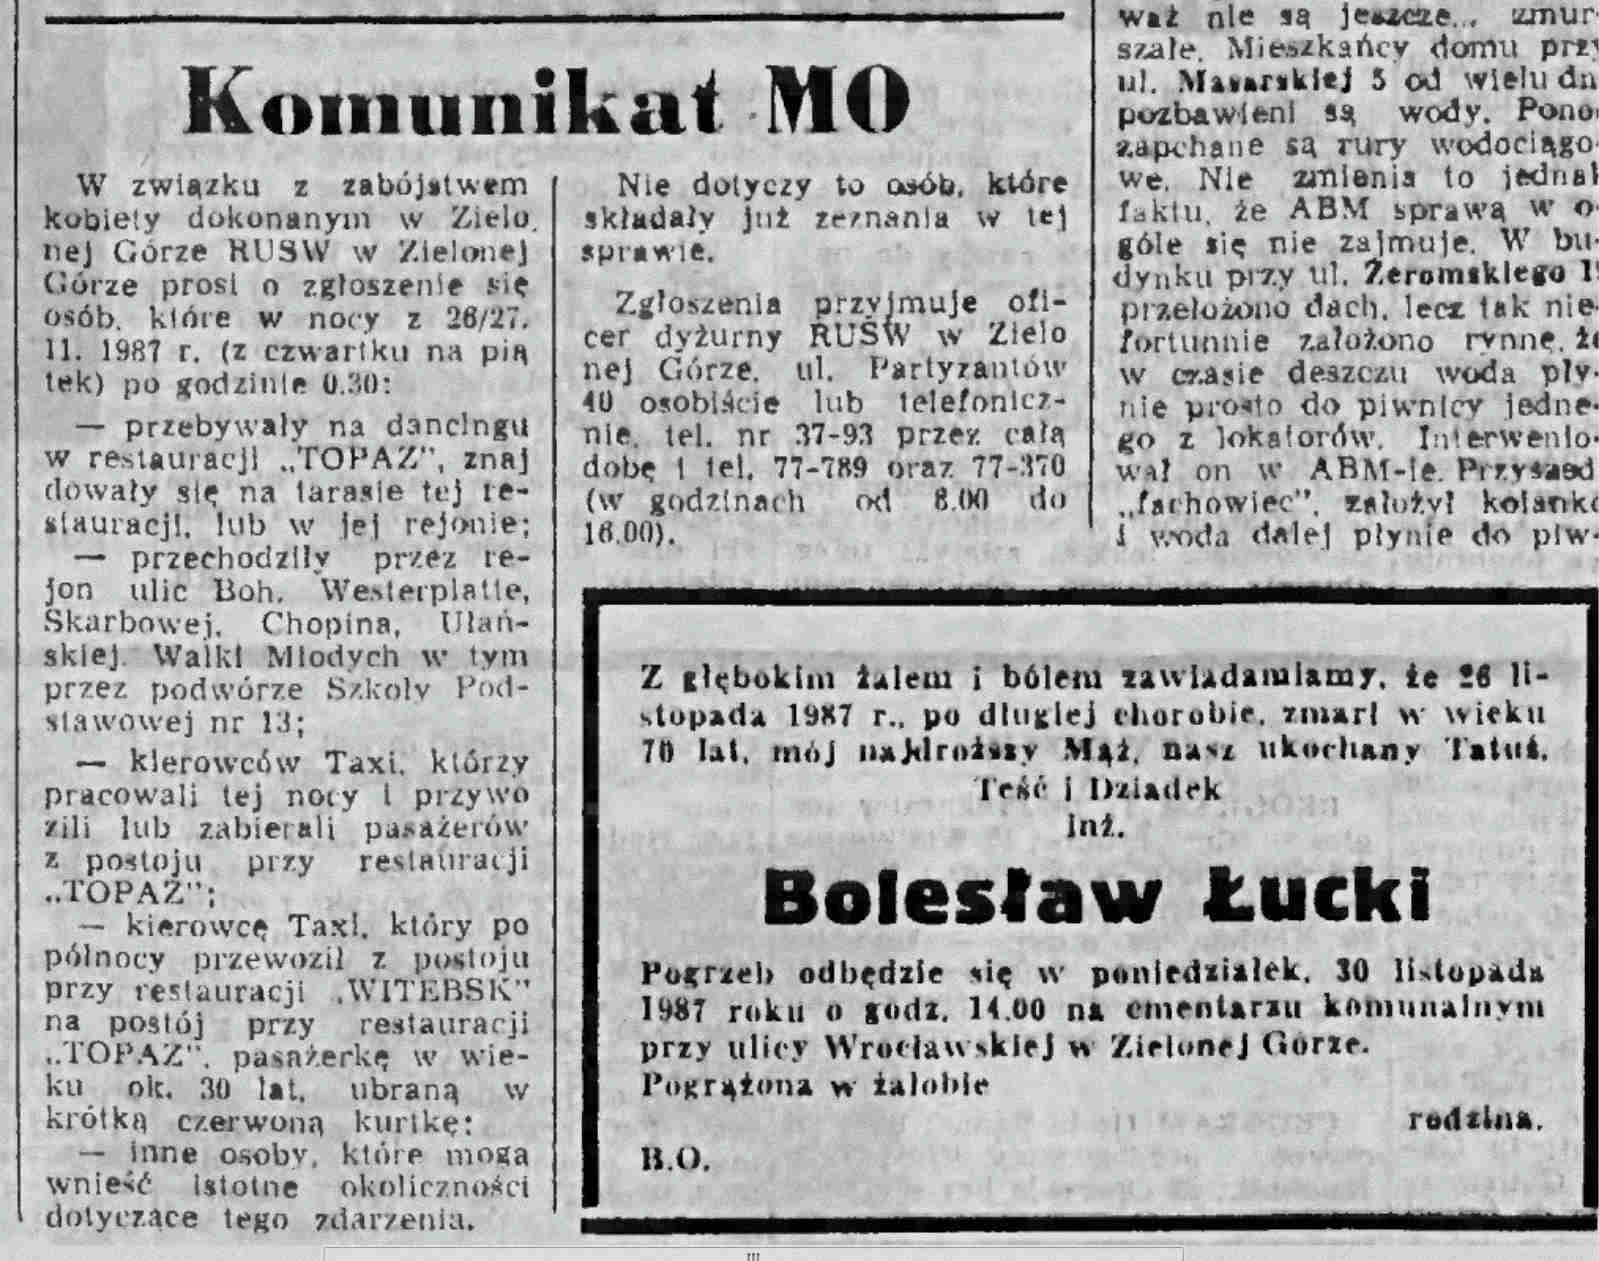 Gazeta Lubuska 30.11.1987